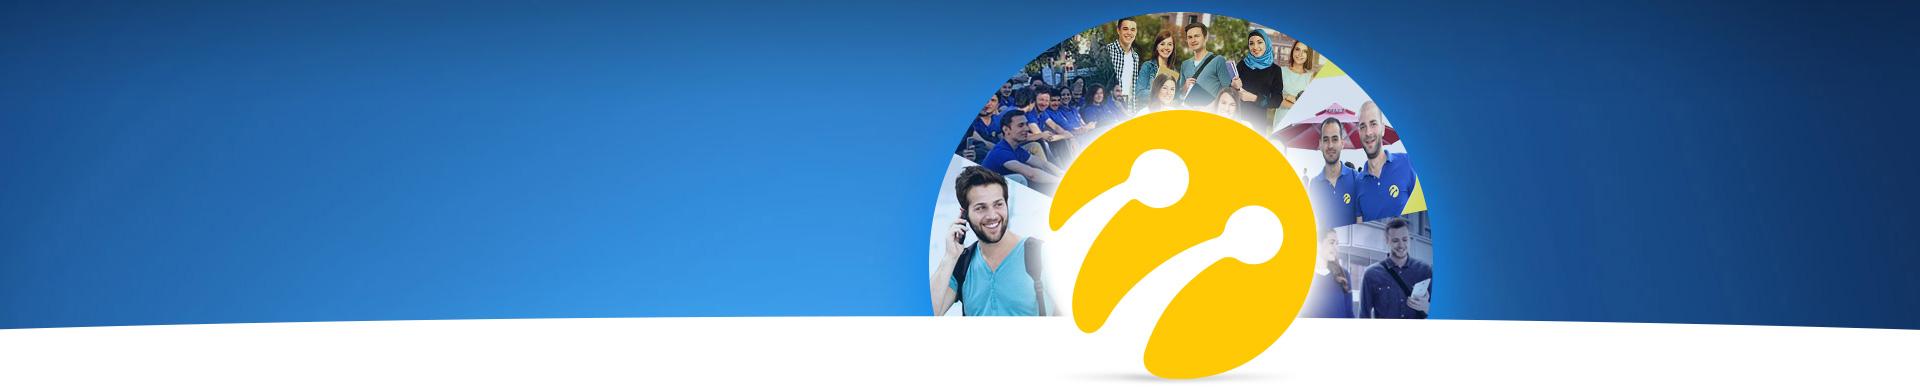 Turkcell Takımına Genç Yetenekler Arıyor